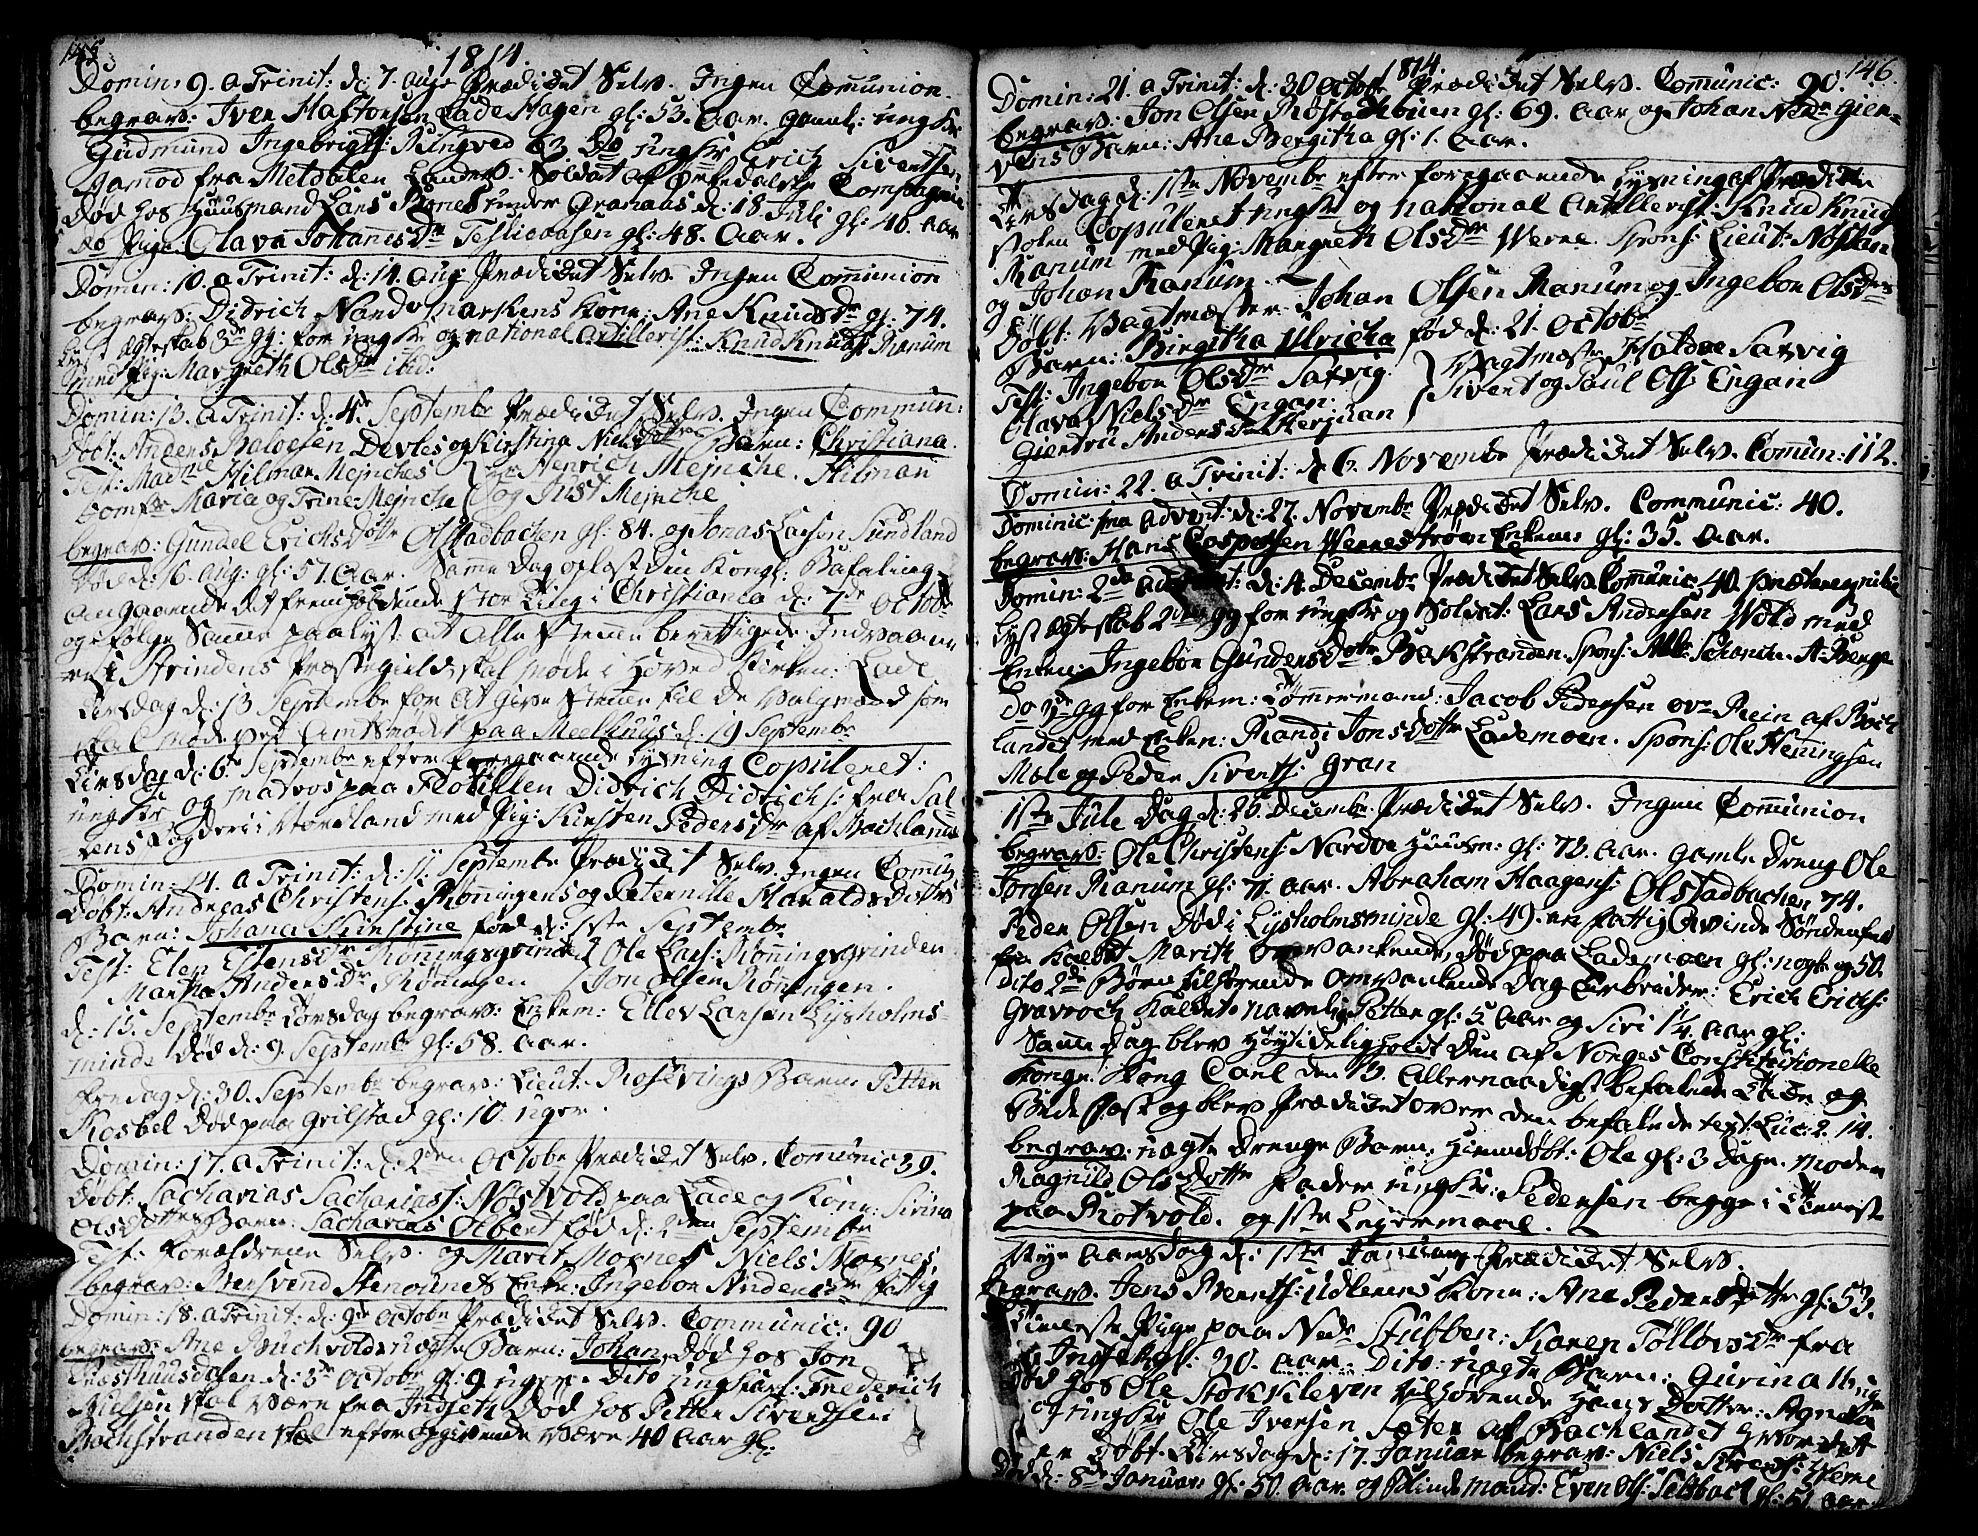 SAT, Ministerialprotokoller, klokkerbøker og fødselsregistre - Sør-Trøndelag, 606/L0280: Ministerialbok nr. 606A02 /1, 1781-1817, s. 145-146